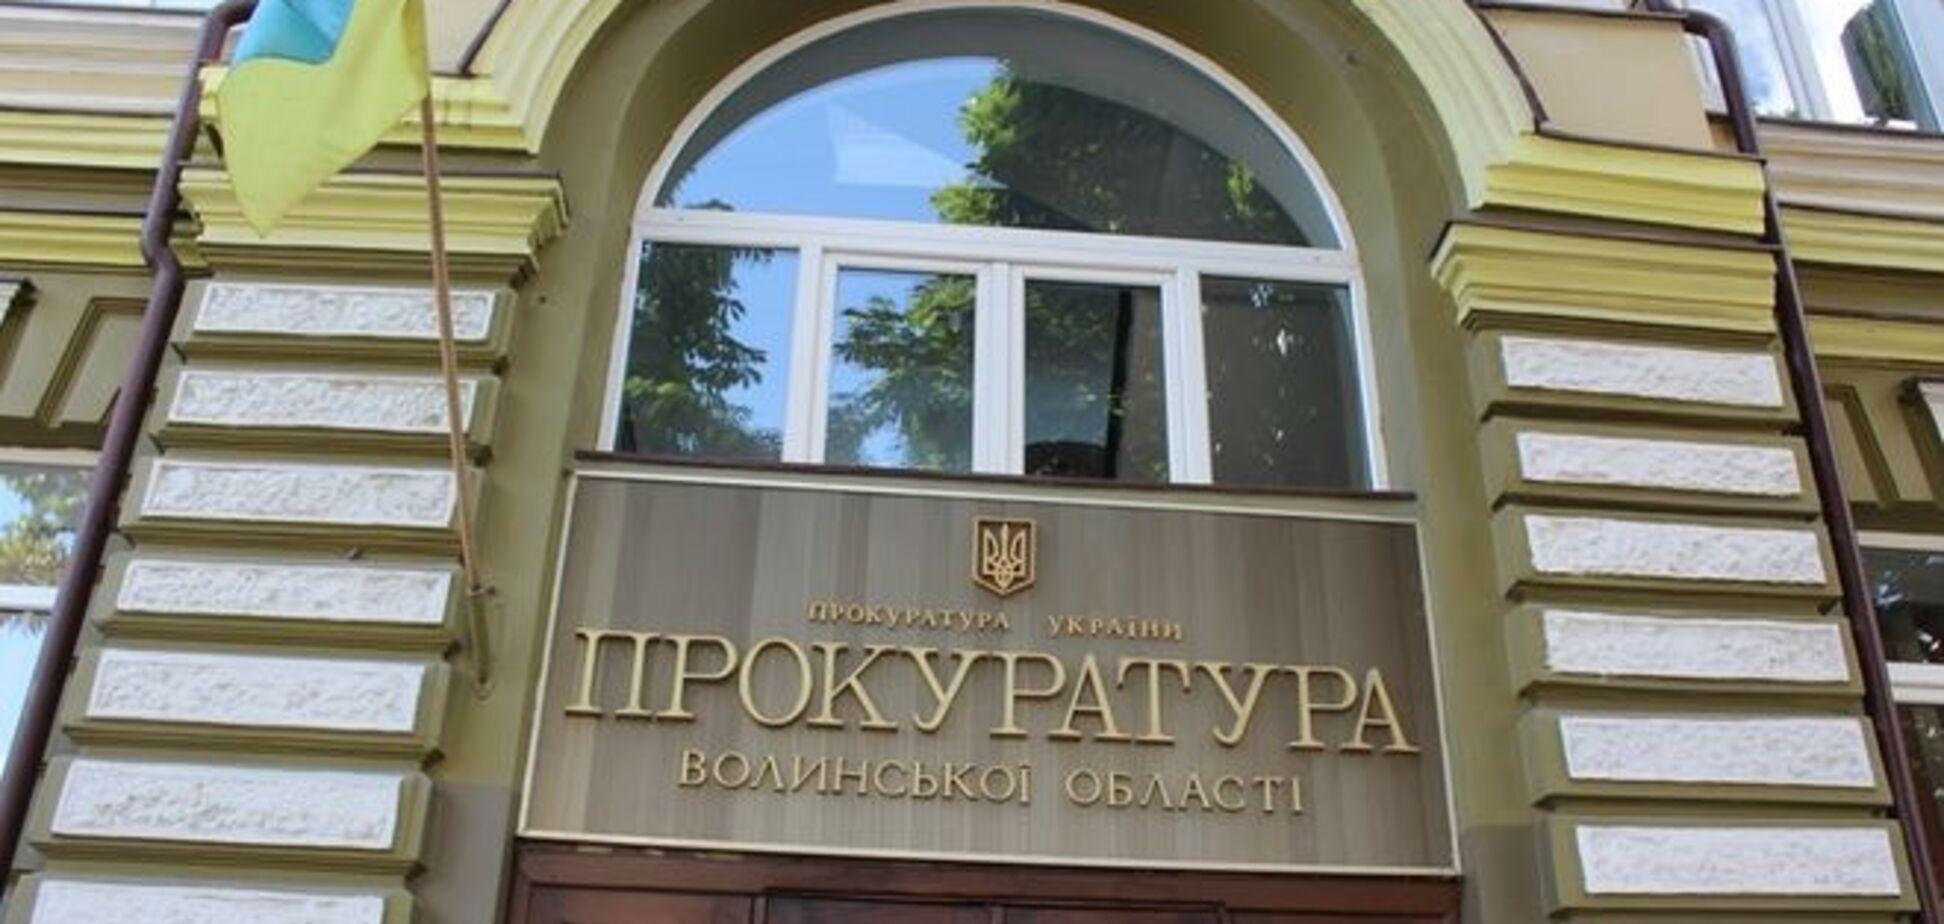 В Україні за контрабанду зброї засуджено громадянина США